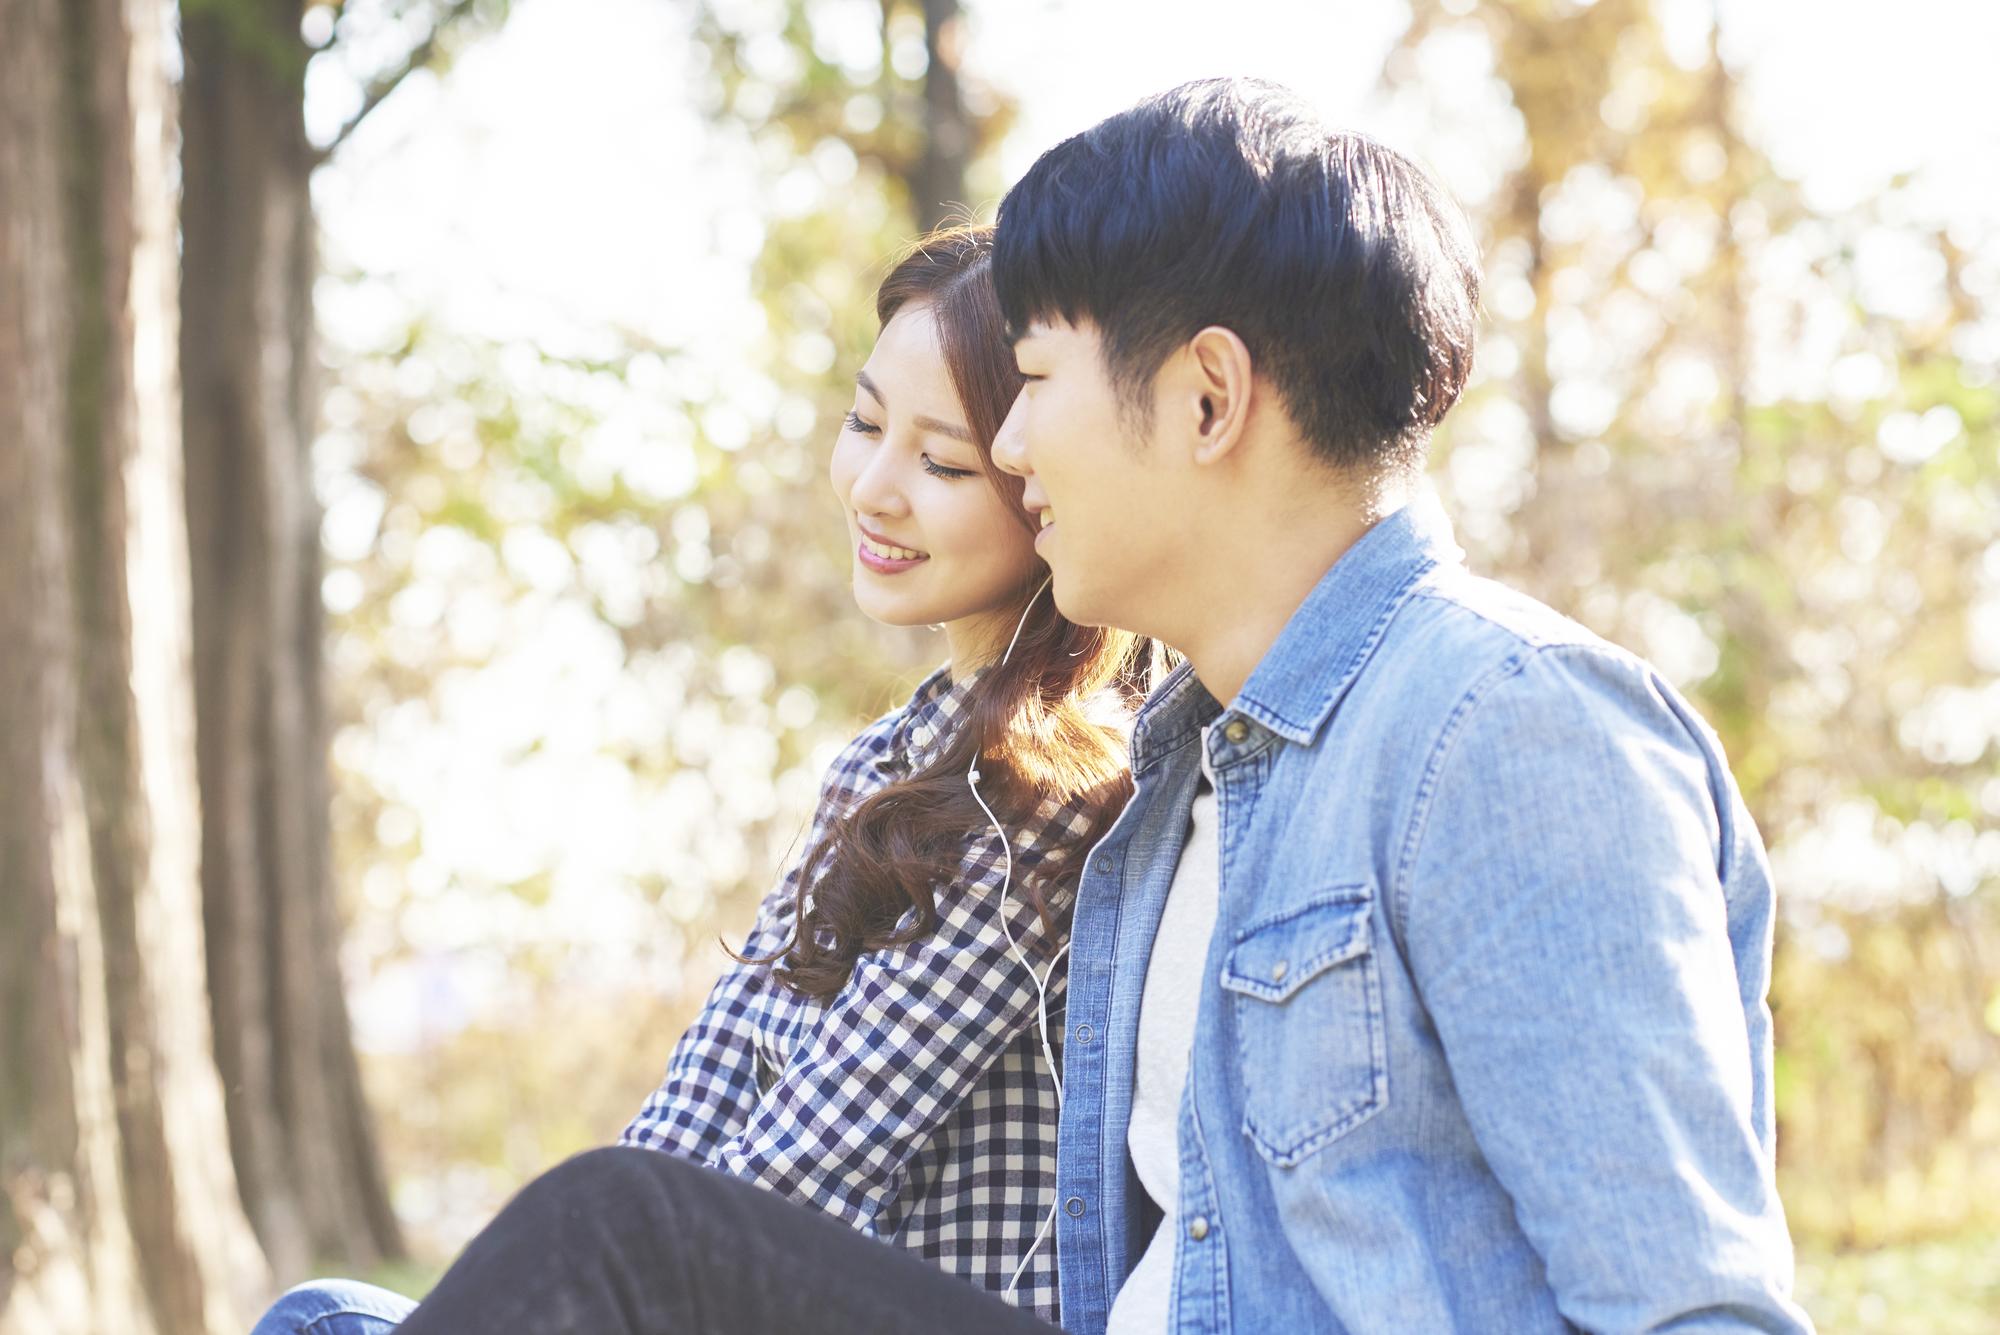 遠距離恋愛に自信をなくしたカップルへのアドバイス